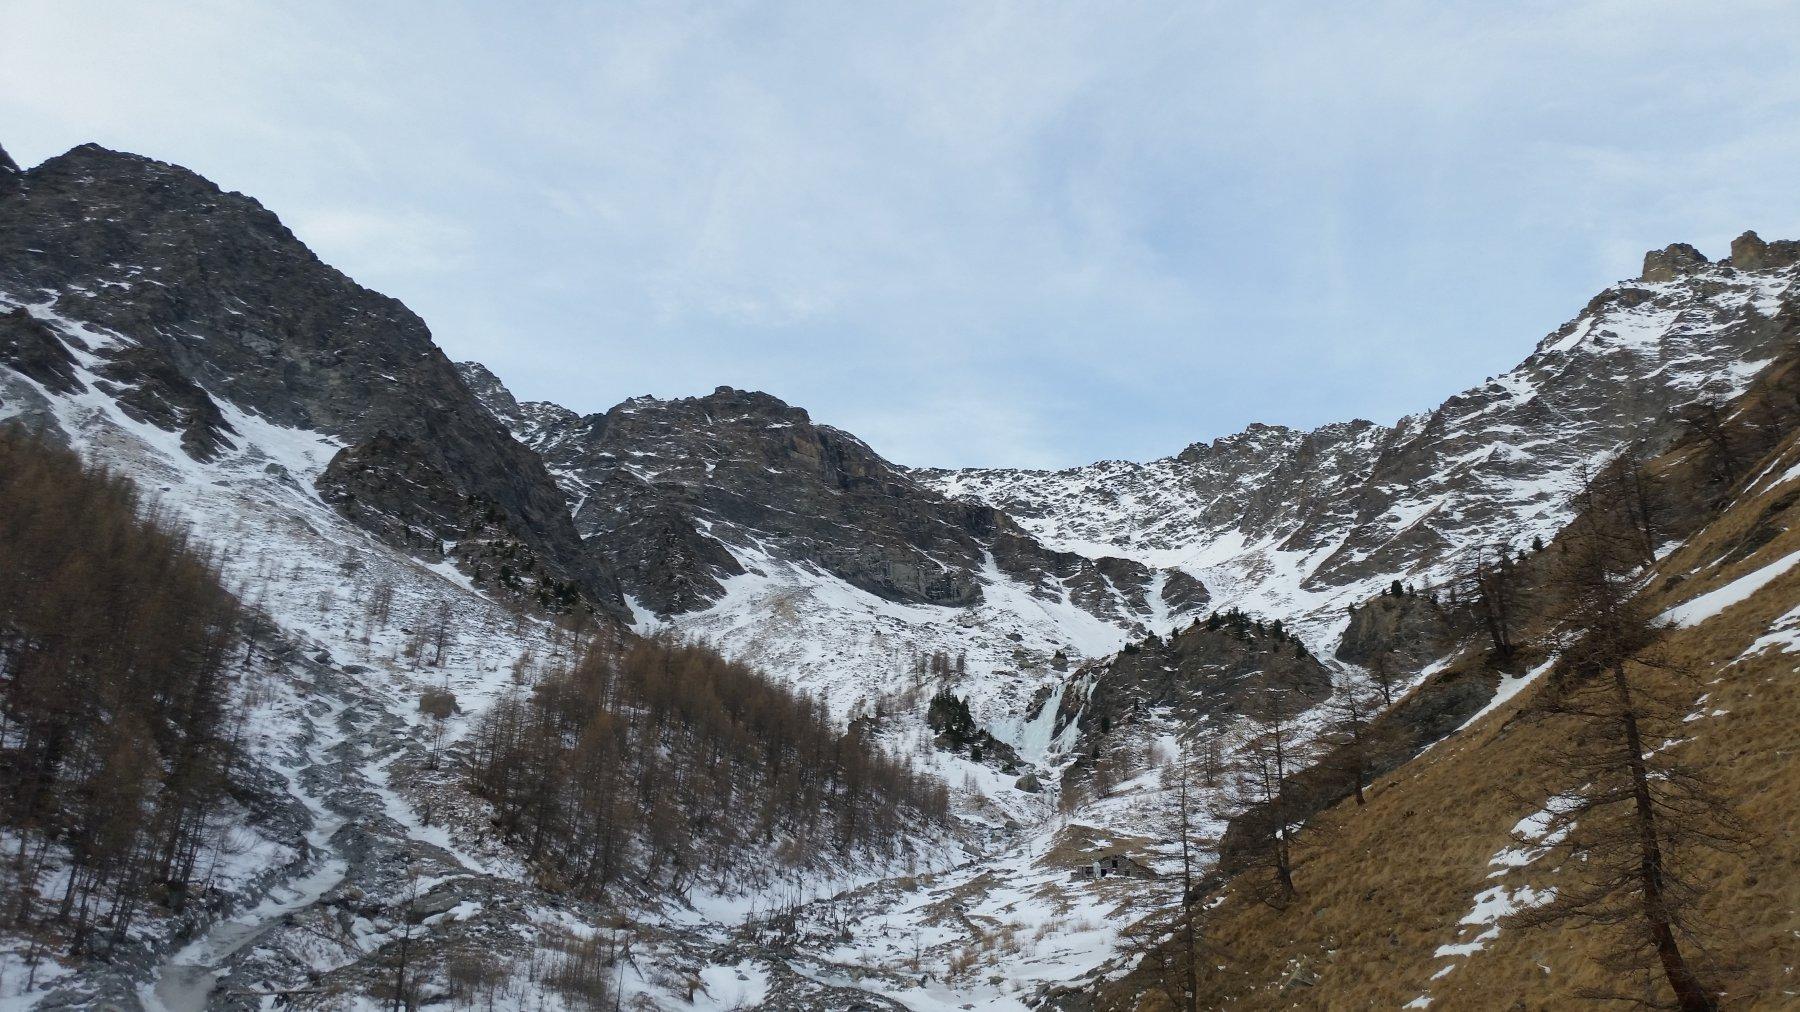 il vallone si apre, in fondo le cascate